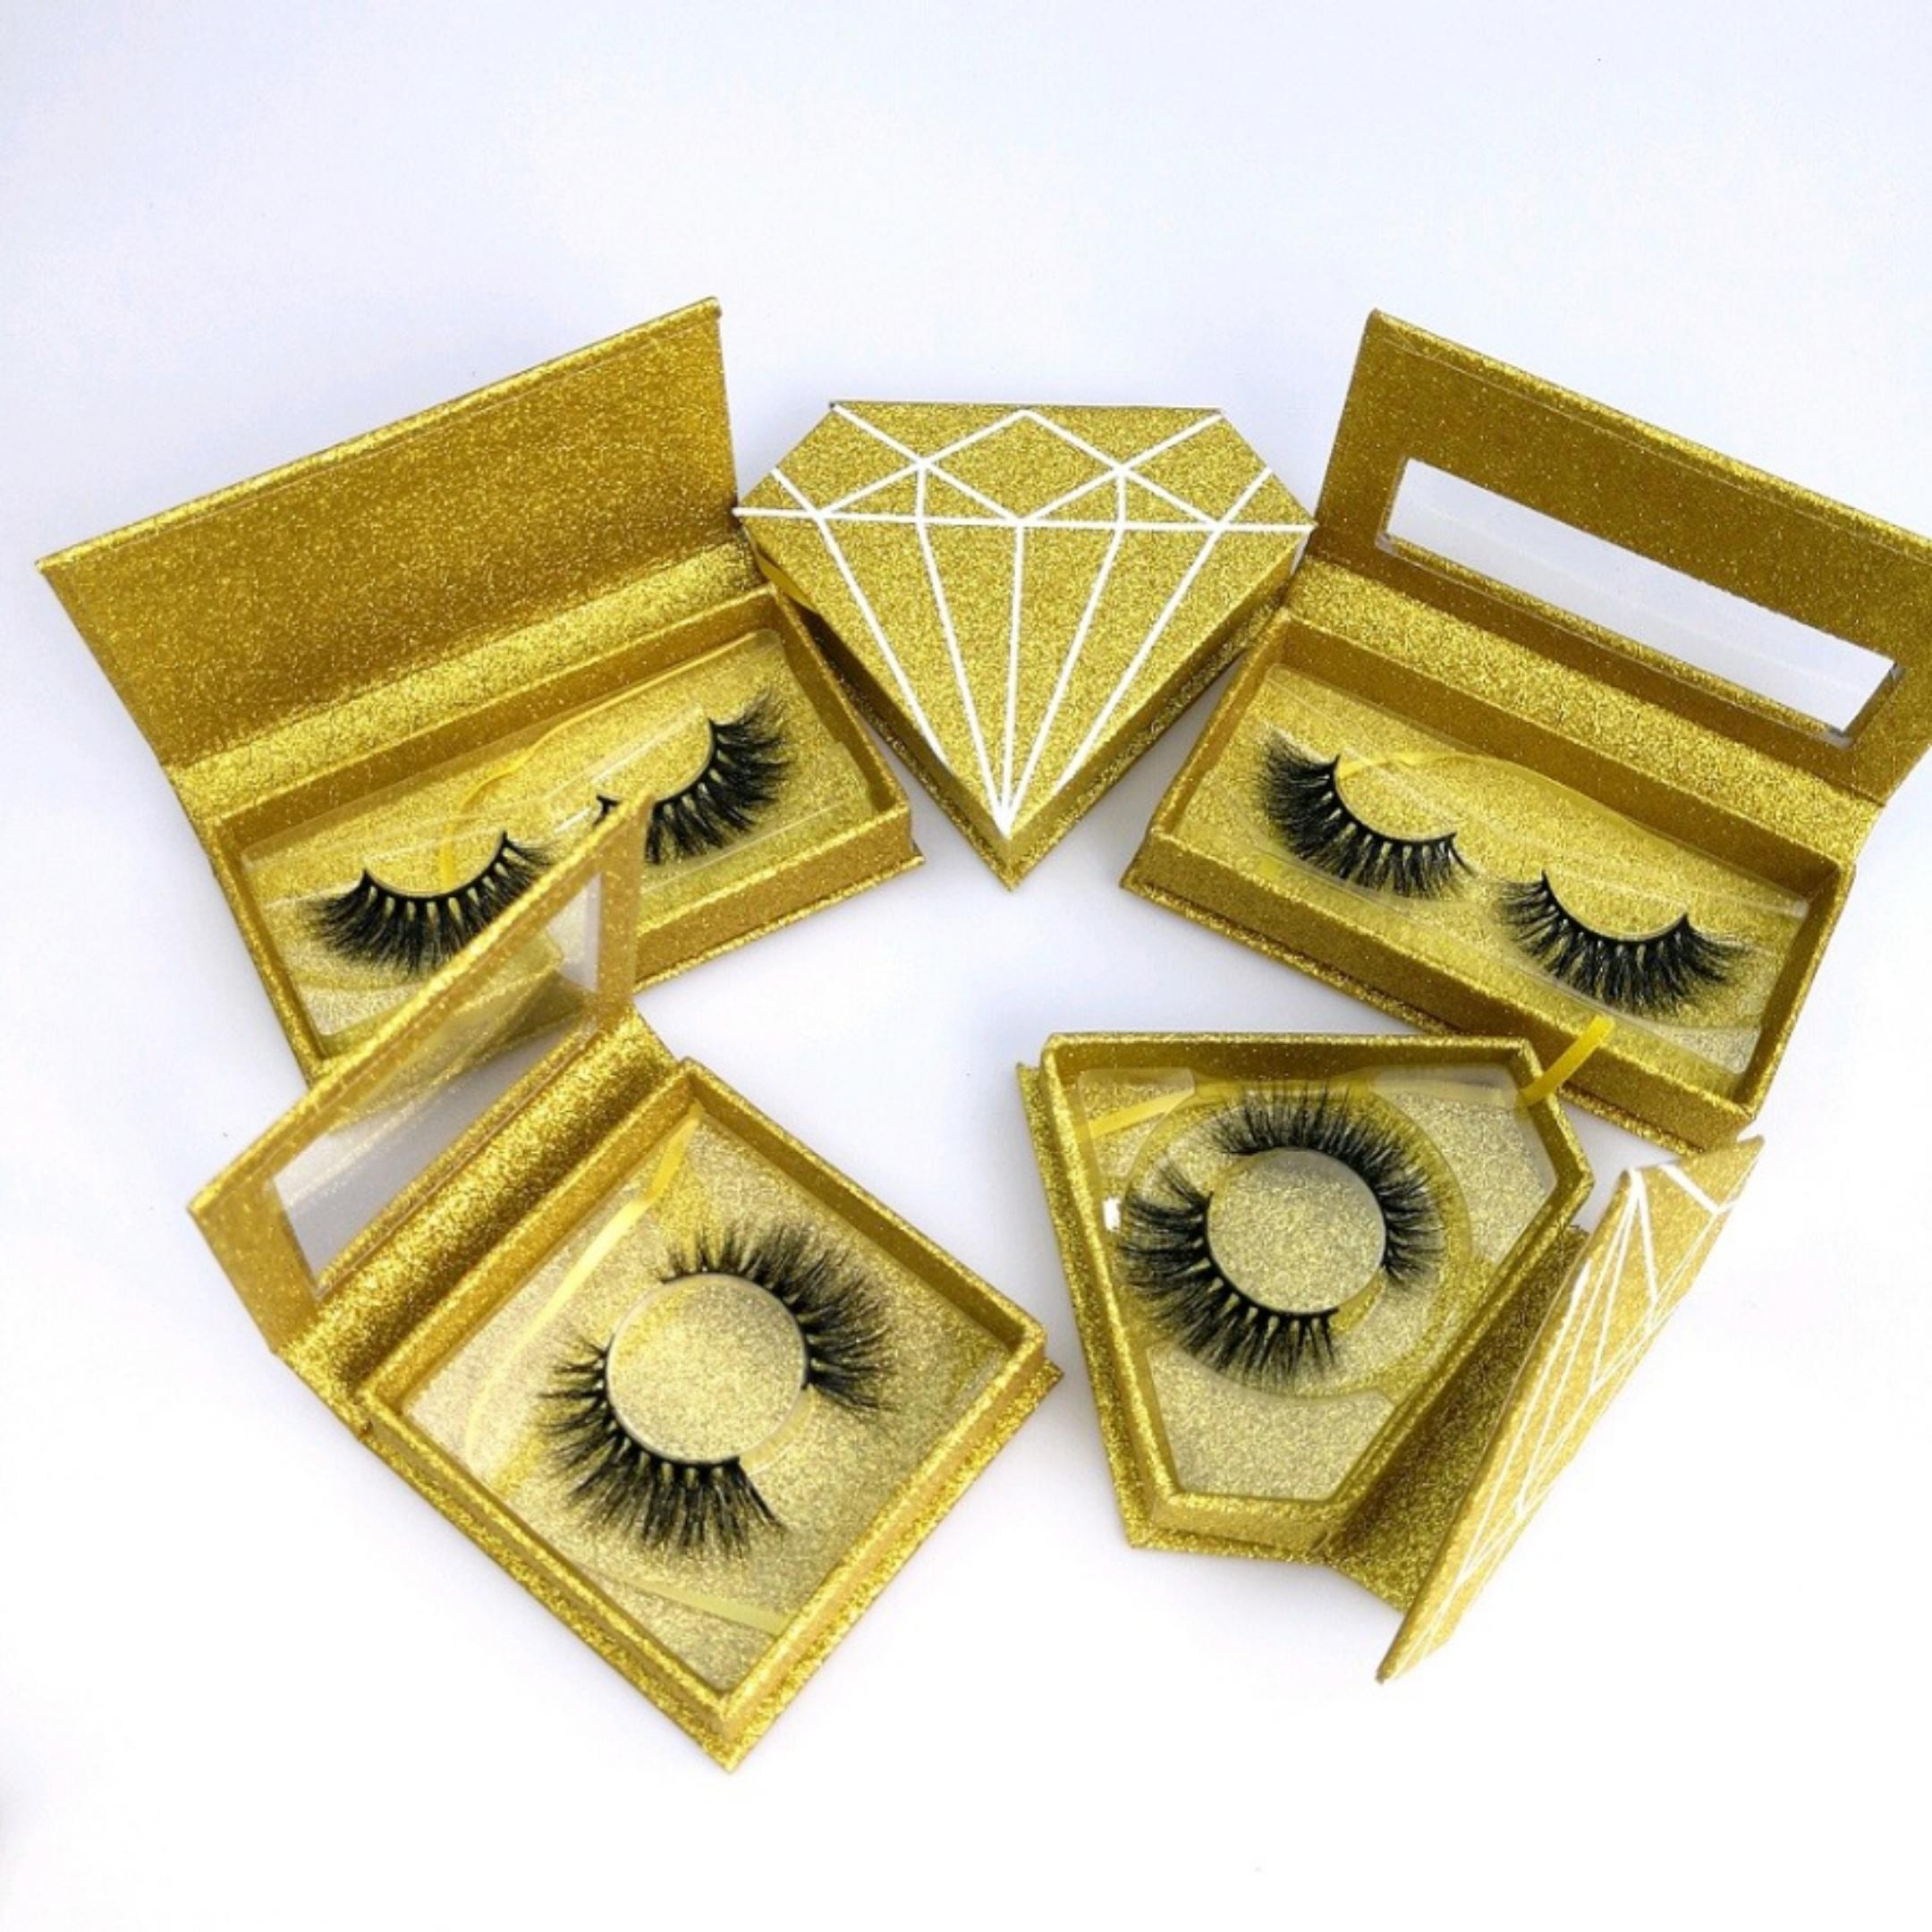 Sarı Hediye Kutusu 3D 14mm Vizon Kirpikleri Göz makyajı 5D 25mm Yanlış Göz Yumuşak Sahte Lash Uzantıları Güzellik Araçlar Drop Shipping Karışık kirpikler